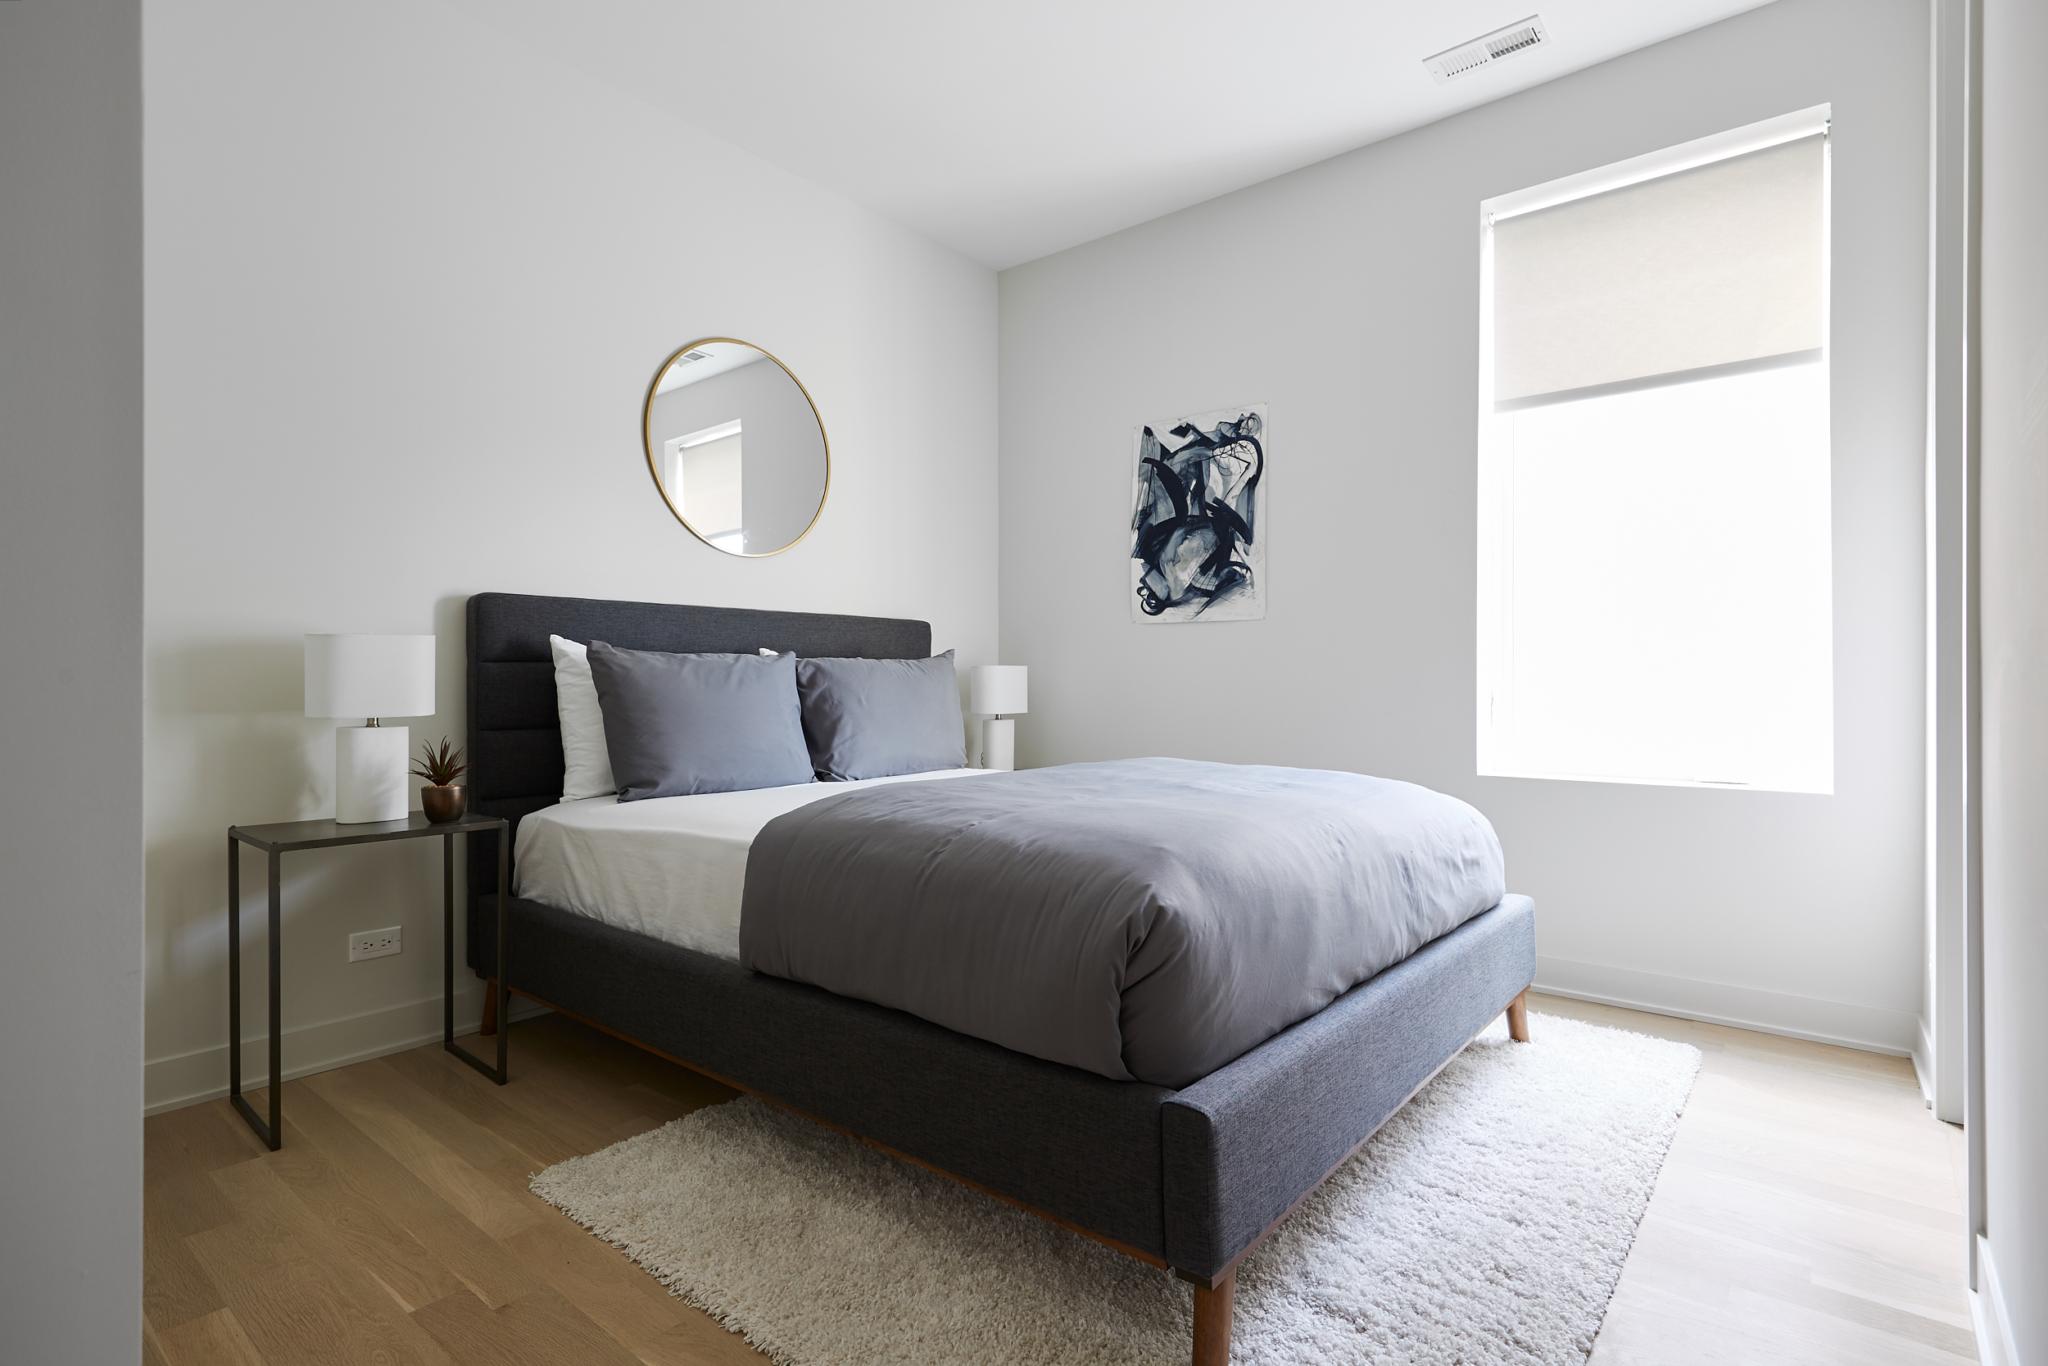 530Dickens_Bedroom_8-scaled.jpg